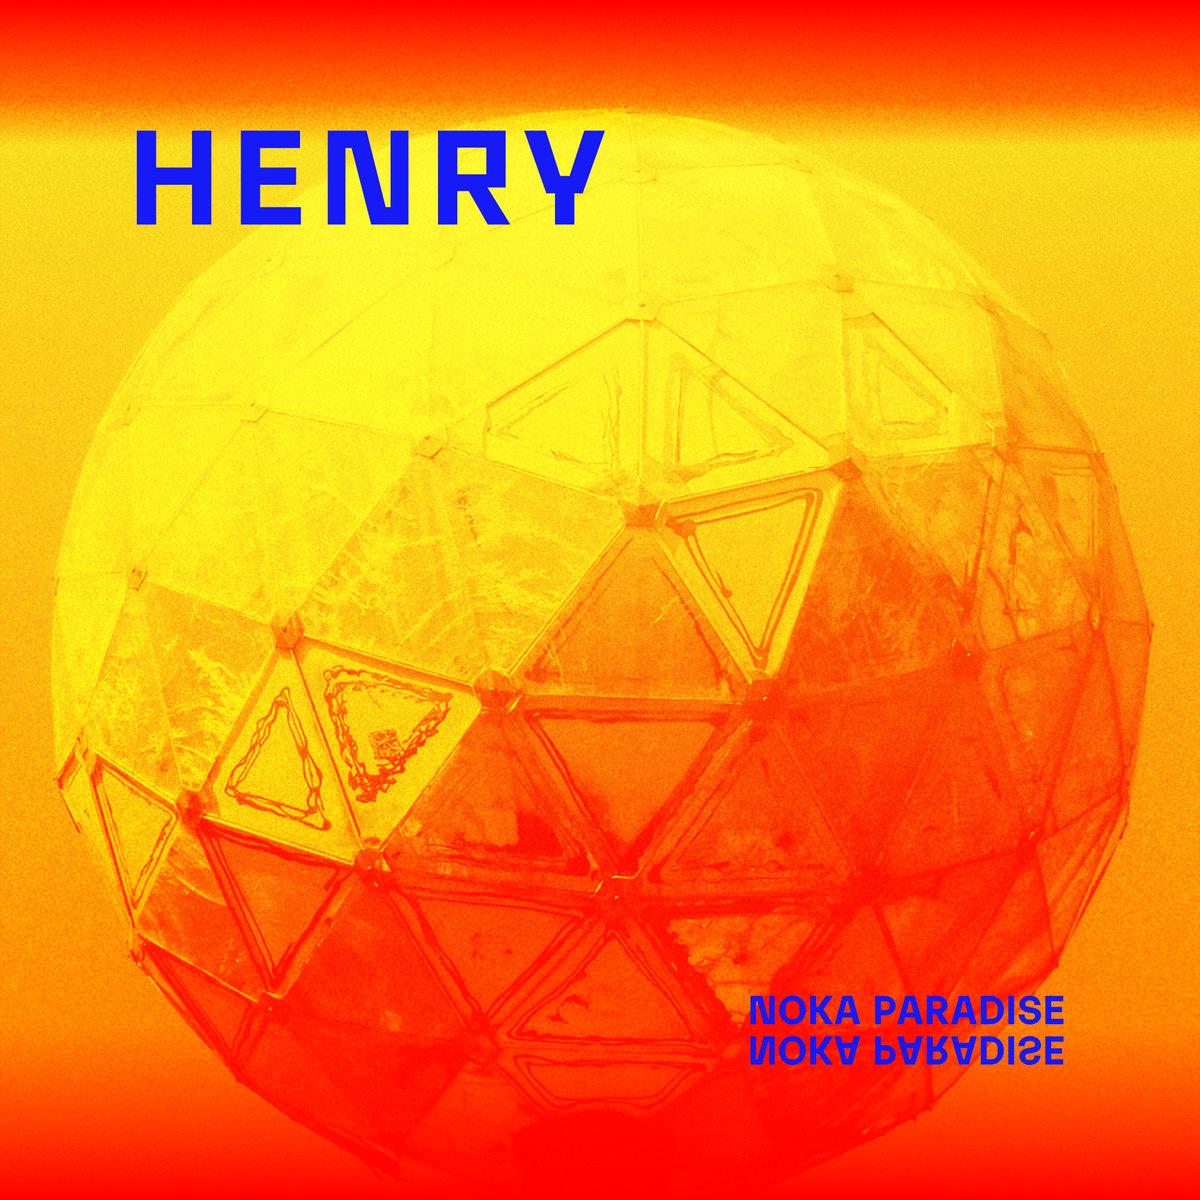 Henry Noka Paradise